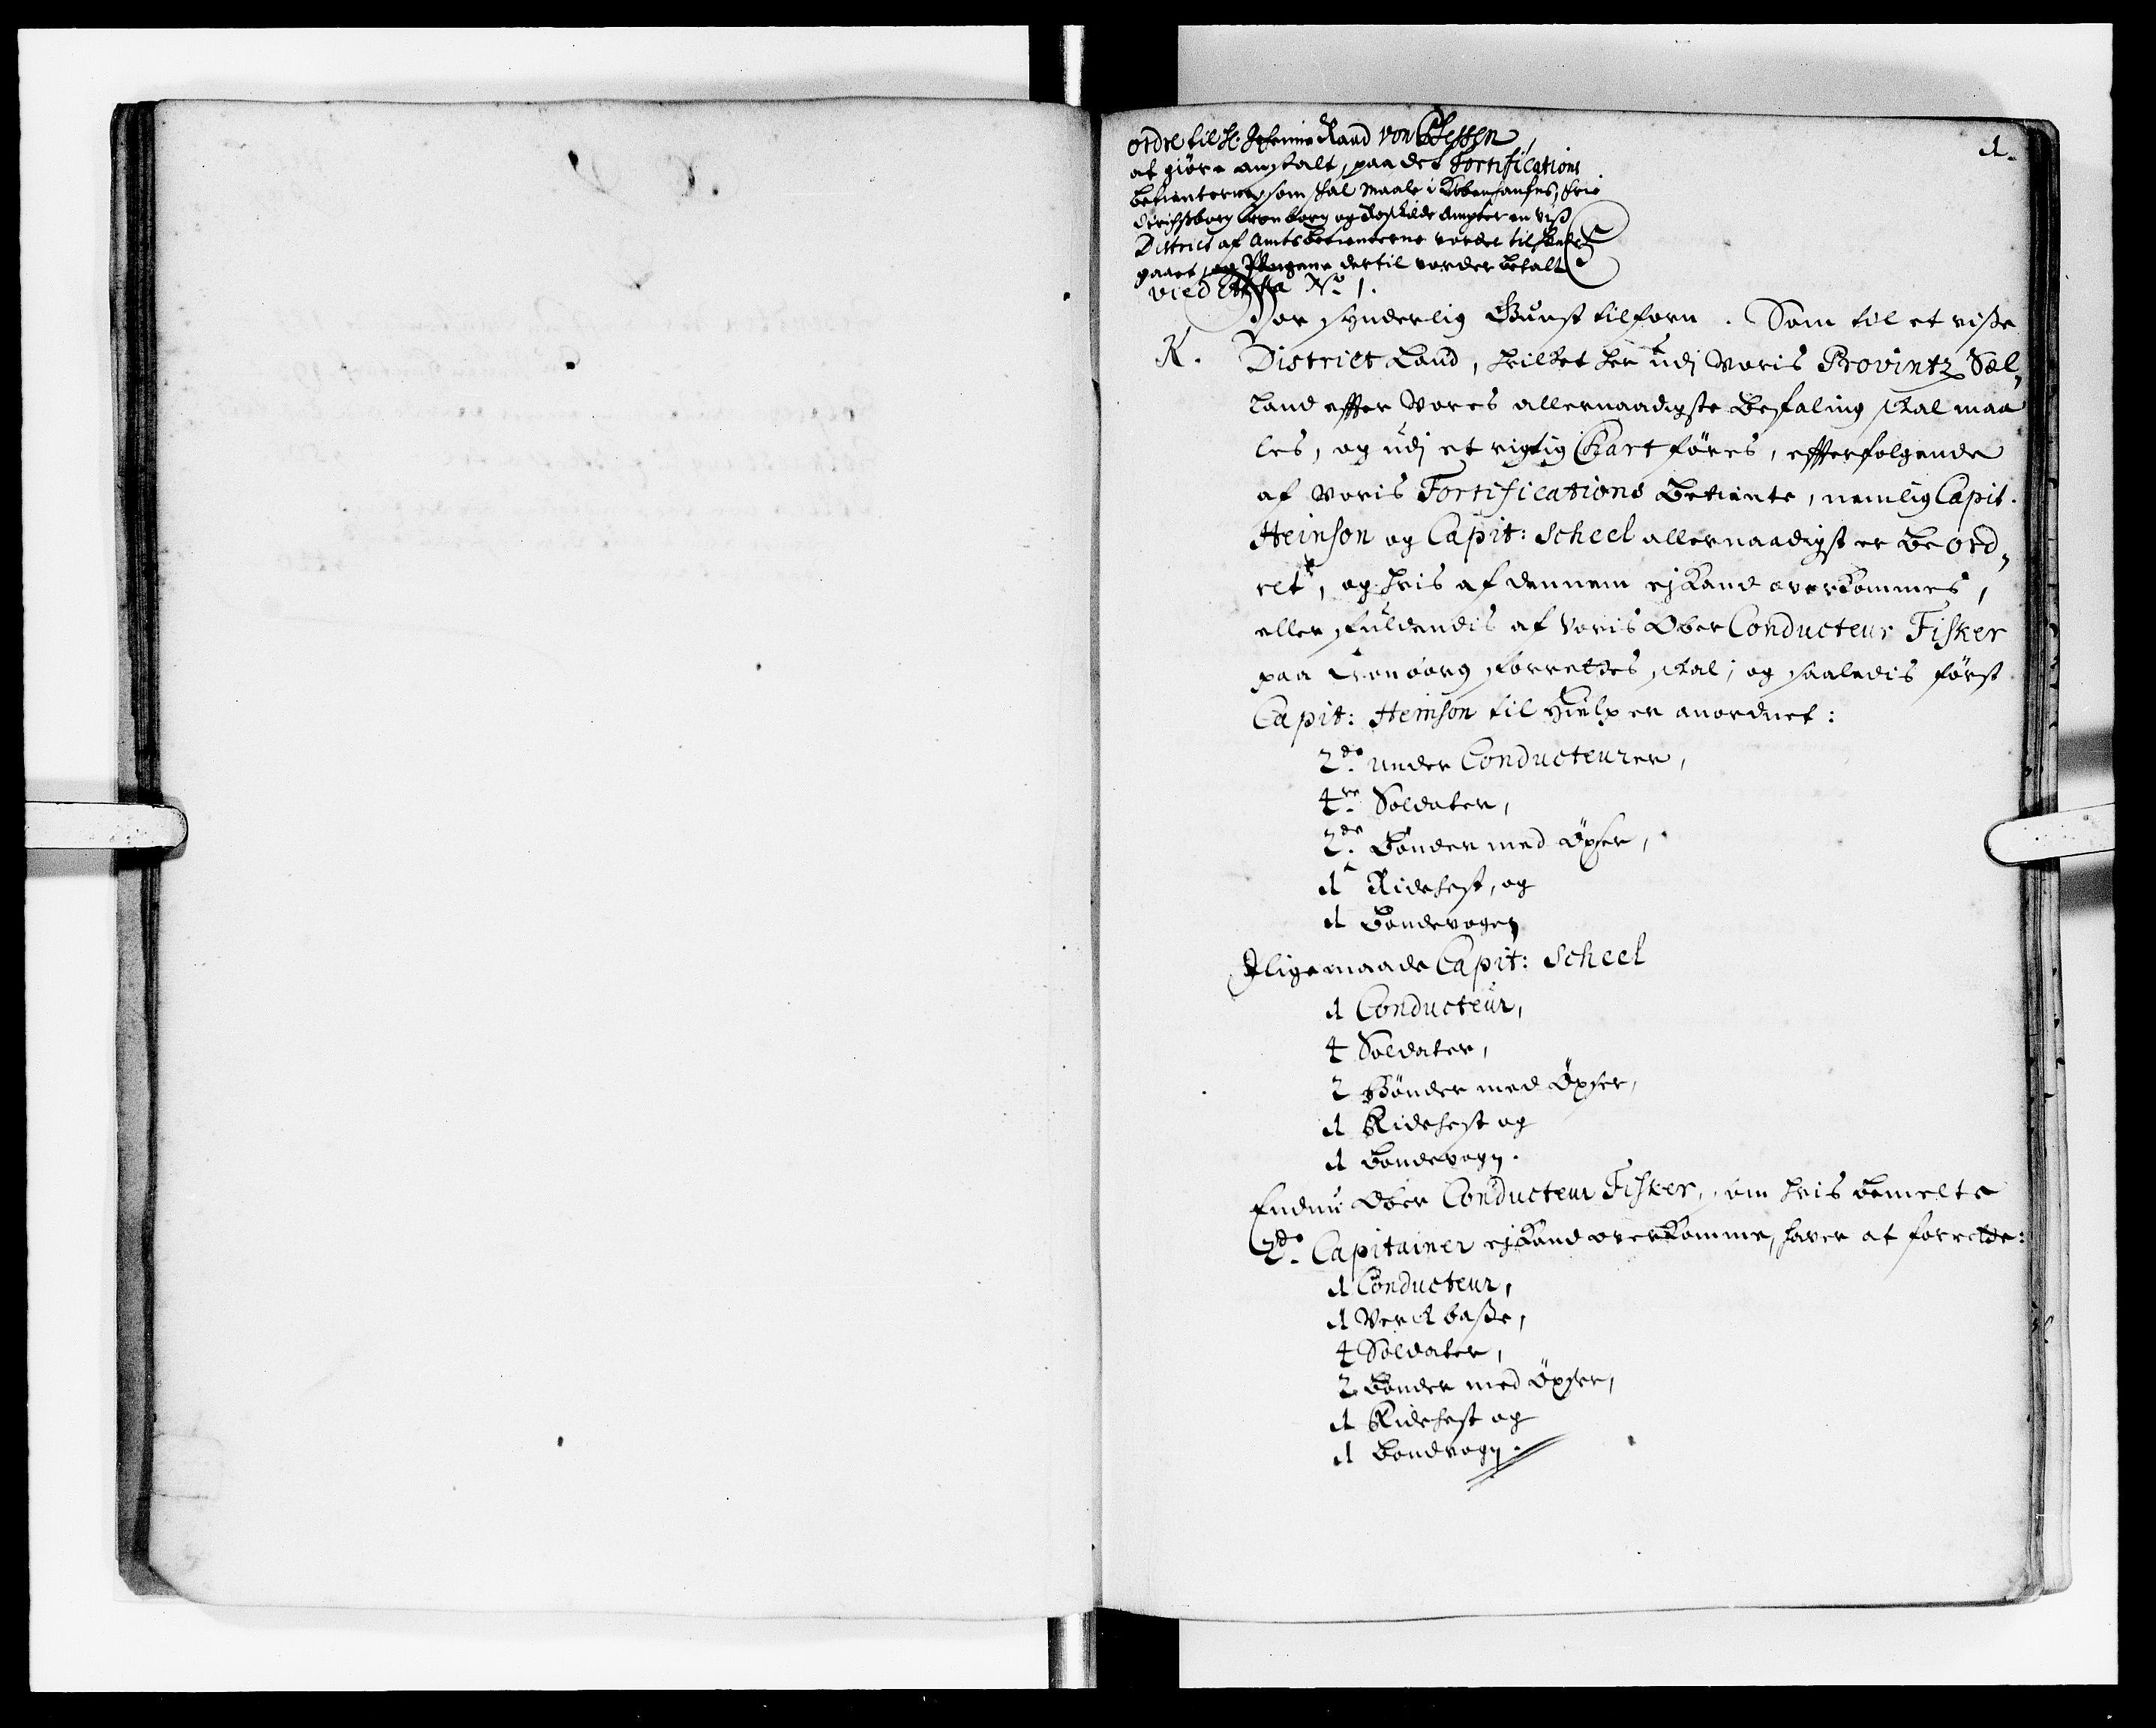 DRA, Rentekammeret Skatkammeret, Danske Sekretariat (1660-1679) / Rentekammeret Danske Afdeling, Kammerkancelliet (1679-1771), -/2212-12: Ekspeditionsprotokol, 1697-1698, p. 1